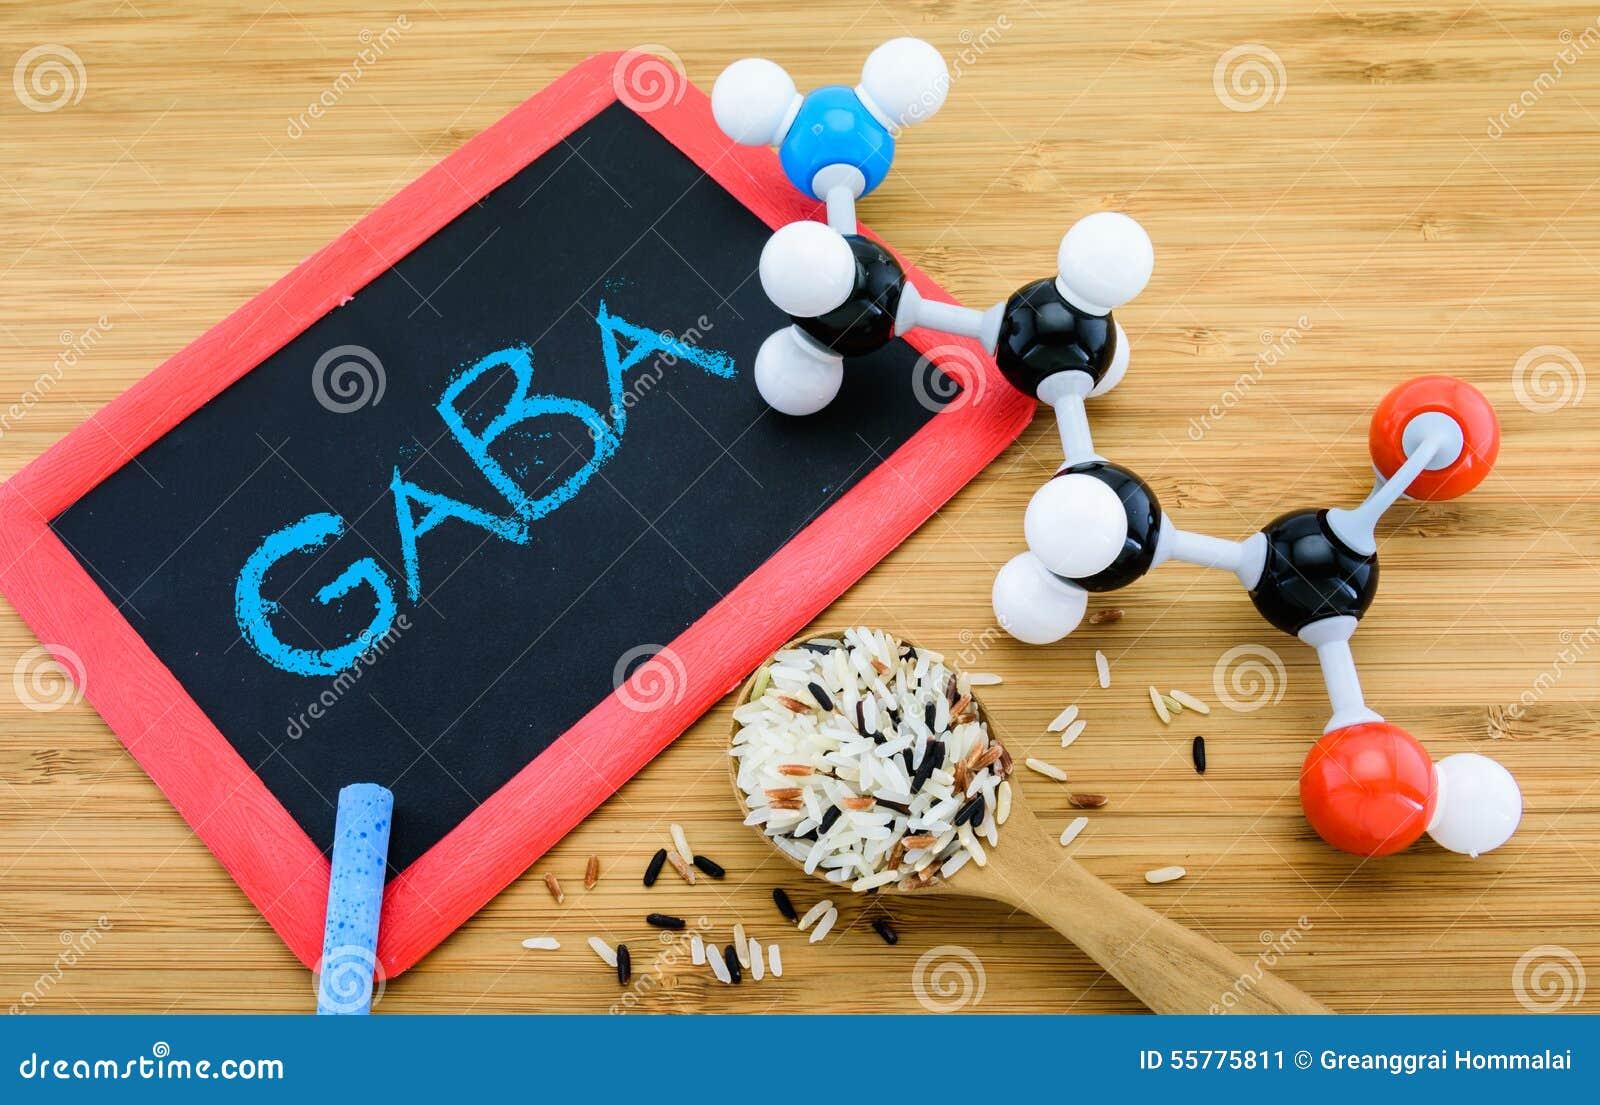 伽玛氨基丁酸的酸(GABA)在发芽的米